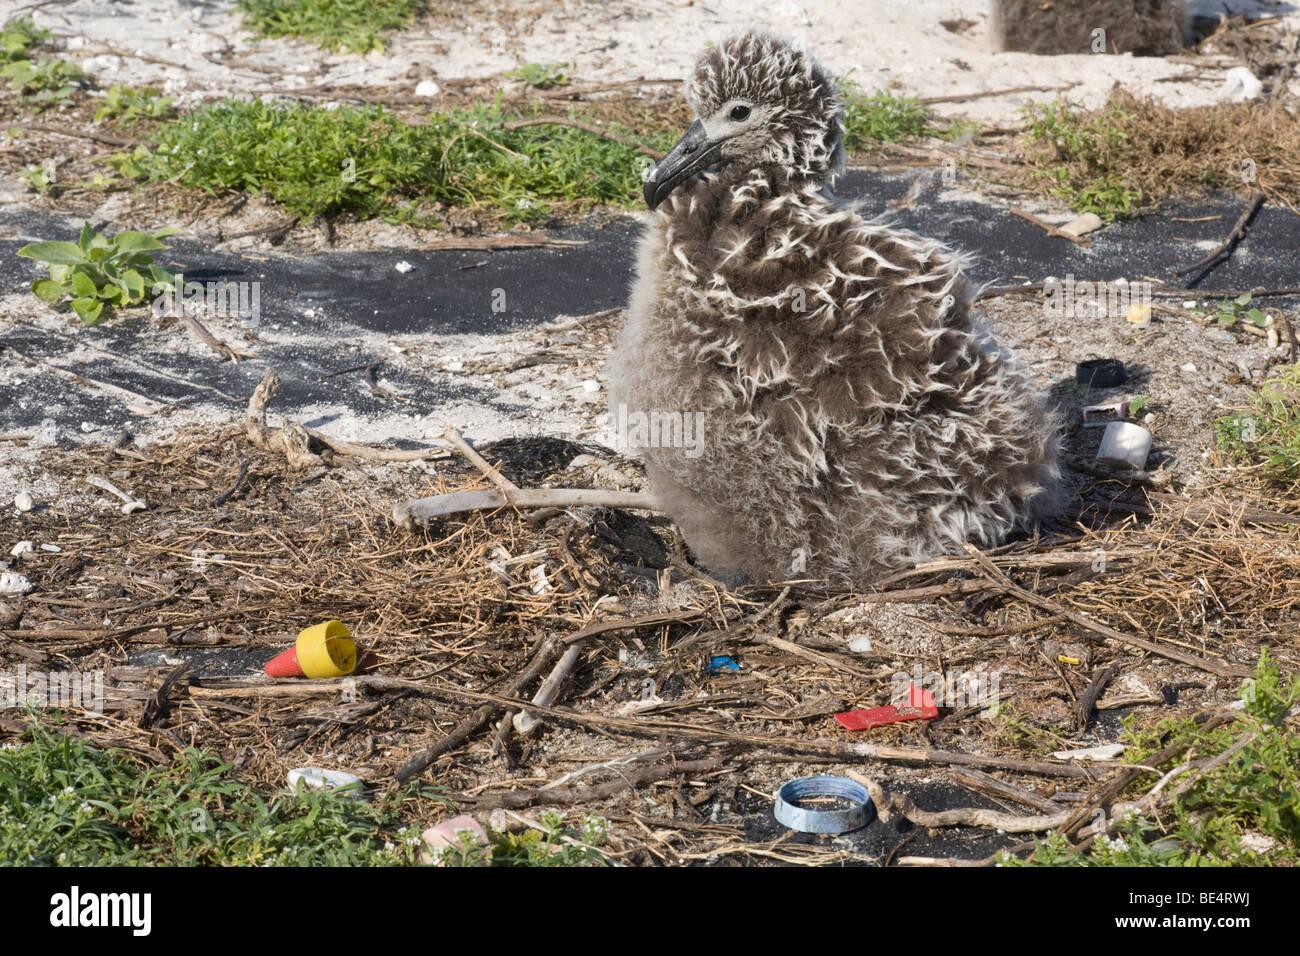 Albatros de Laysan chick con plástico restantes desde el estómago de un pájaro muerto que previamente ingirieron la mugre, el Atolón de Midway Foto de stock